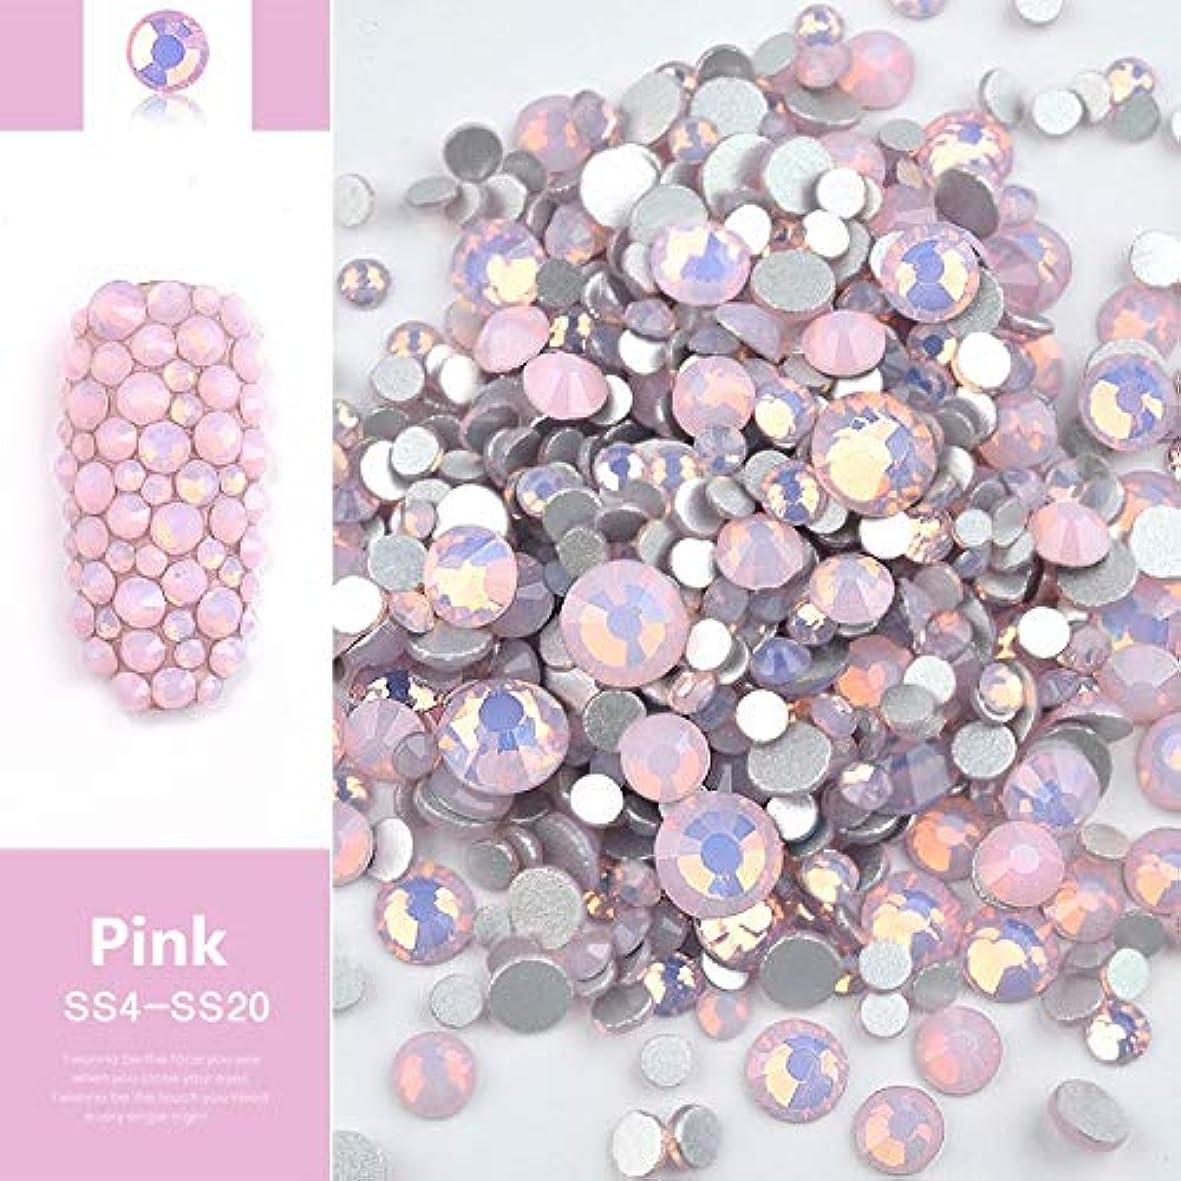 責また副Jiaoran ビーズ樹脂クリスタルラウンドネイルアートミックスフラットバックアクリルラインストーンミックスサイズ1.5-4.5 mm装飾用ネイル (Color : Pink)